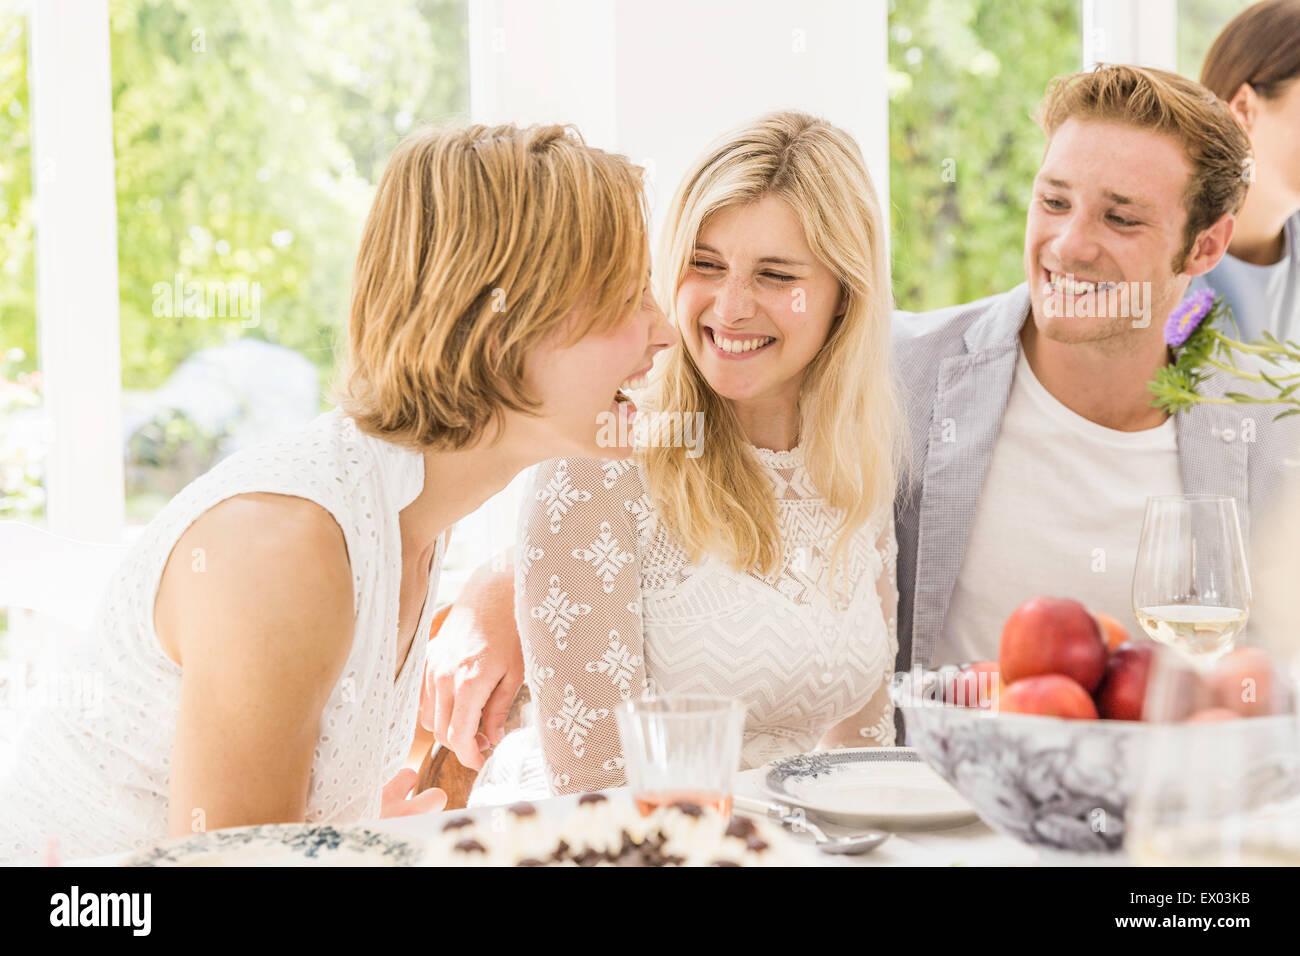 Les adultes de la famille rire et le commérage at Birthday party Photo Stock